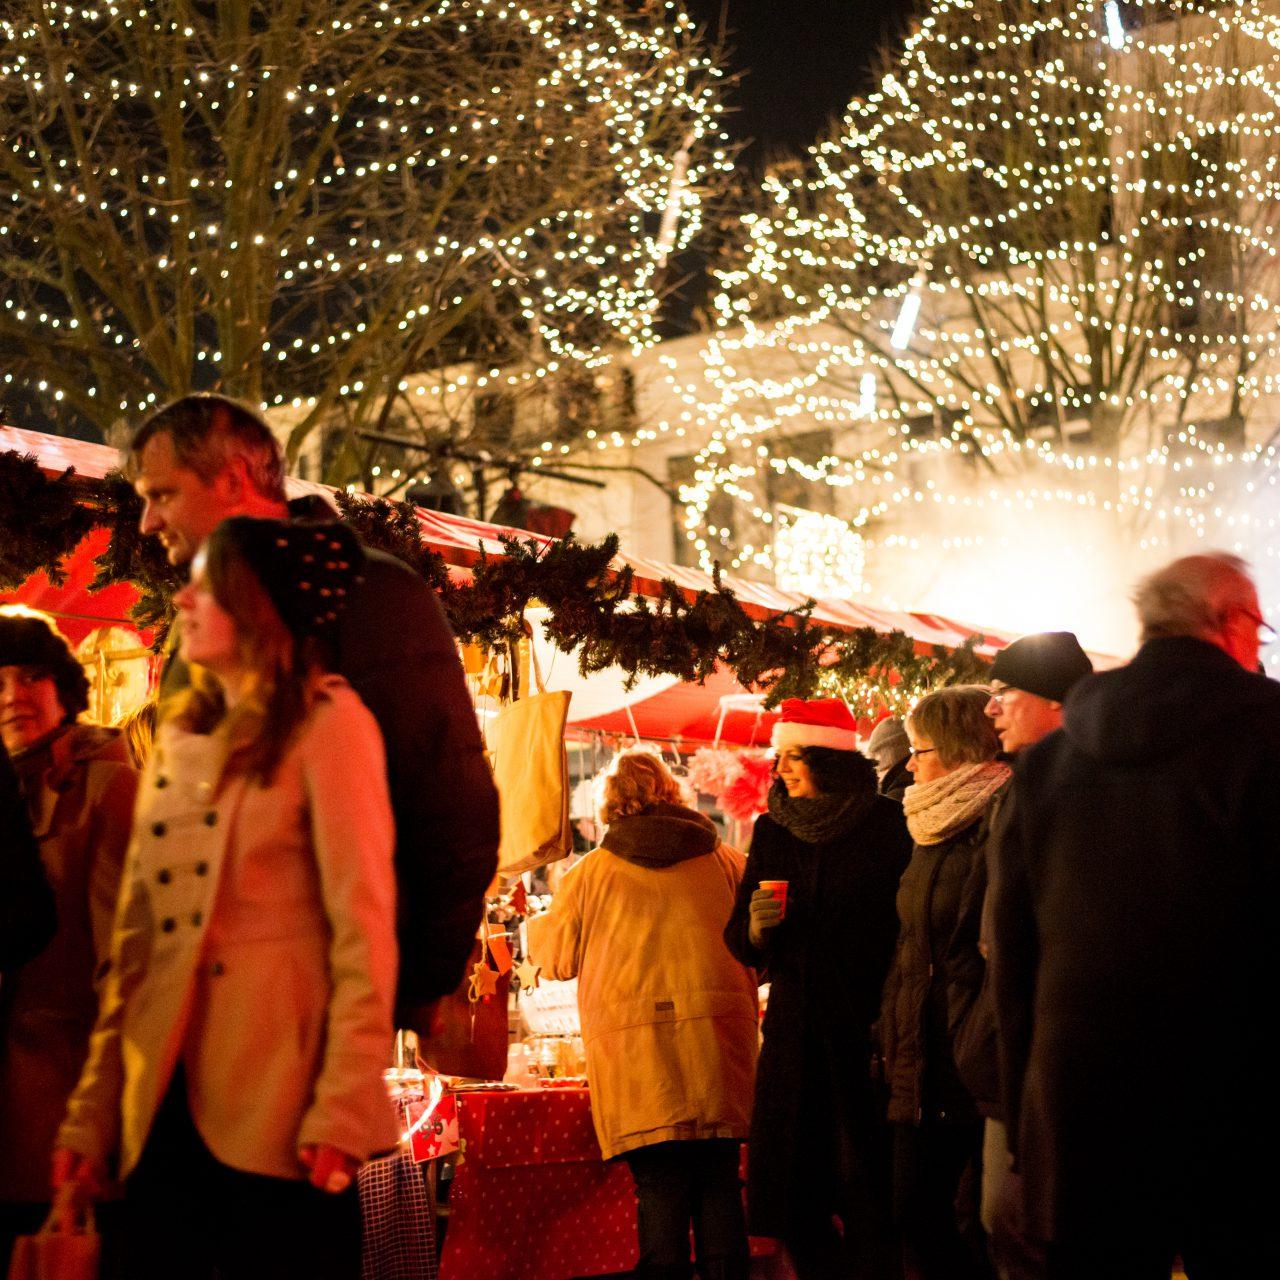 Kerstmarkt-Dordrecht-Dordrecht-evenementen-kerst-Scheffersplein